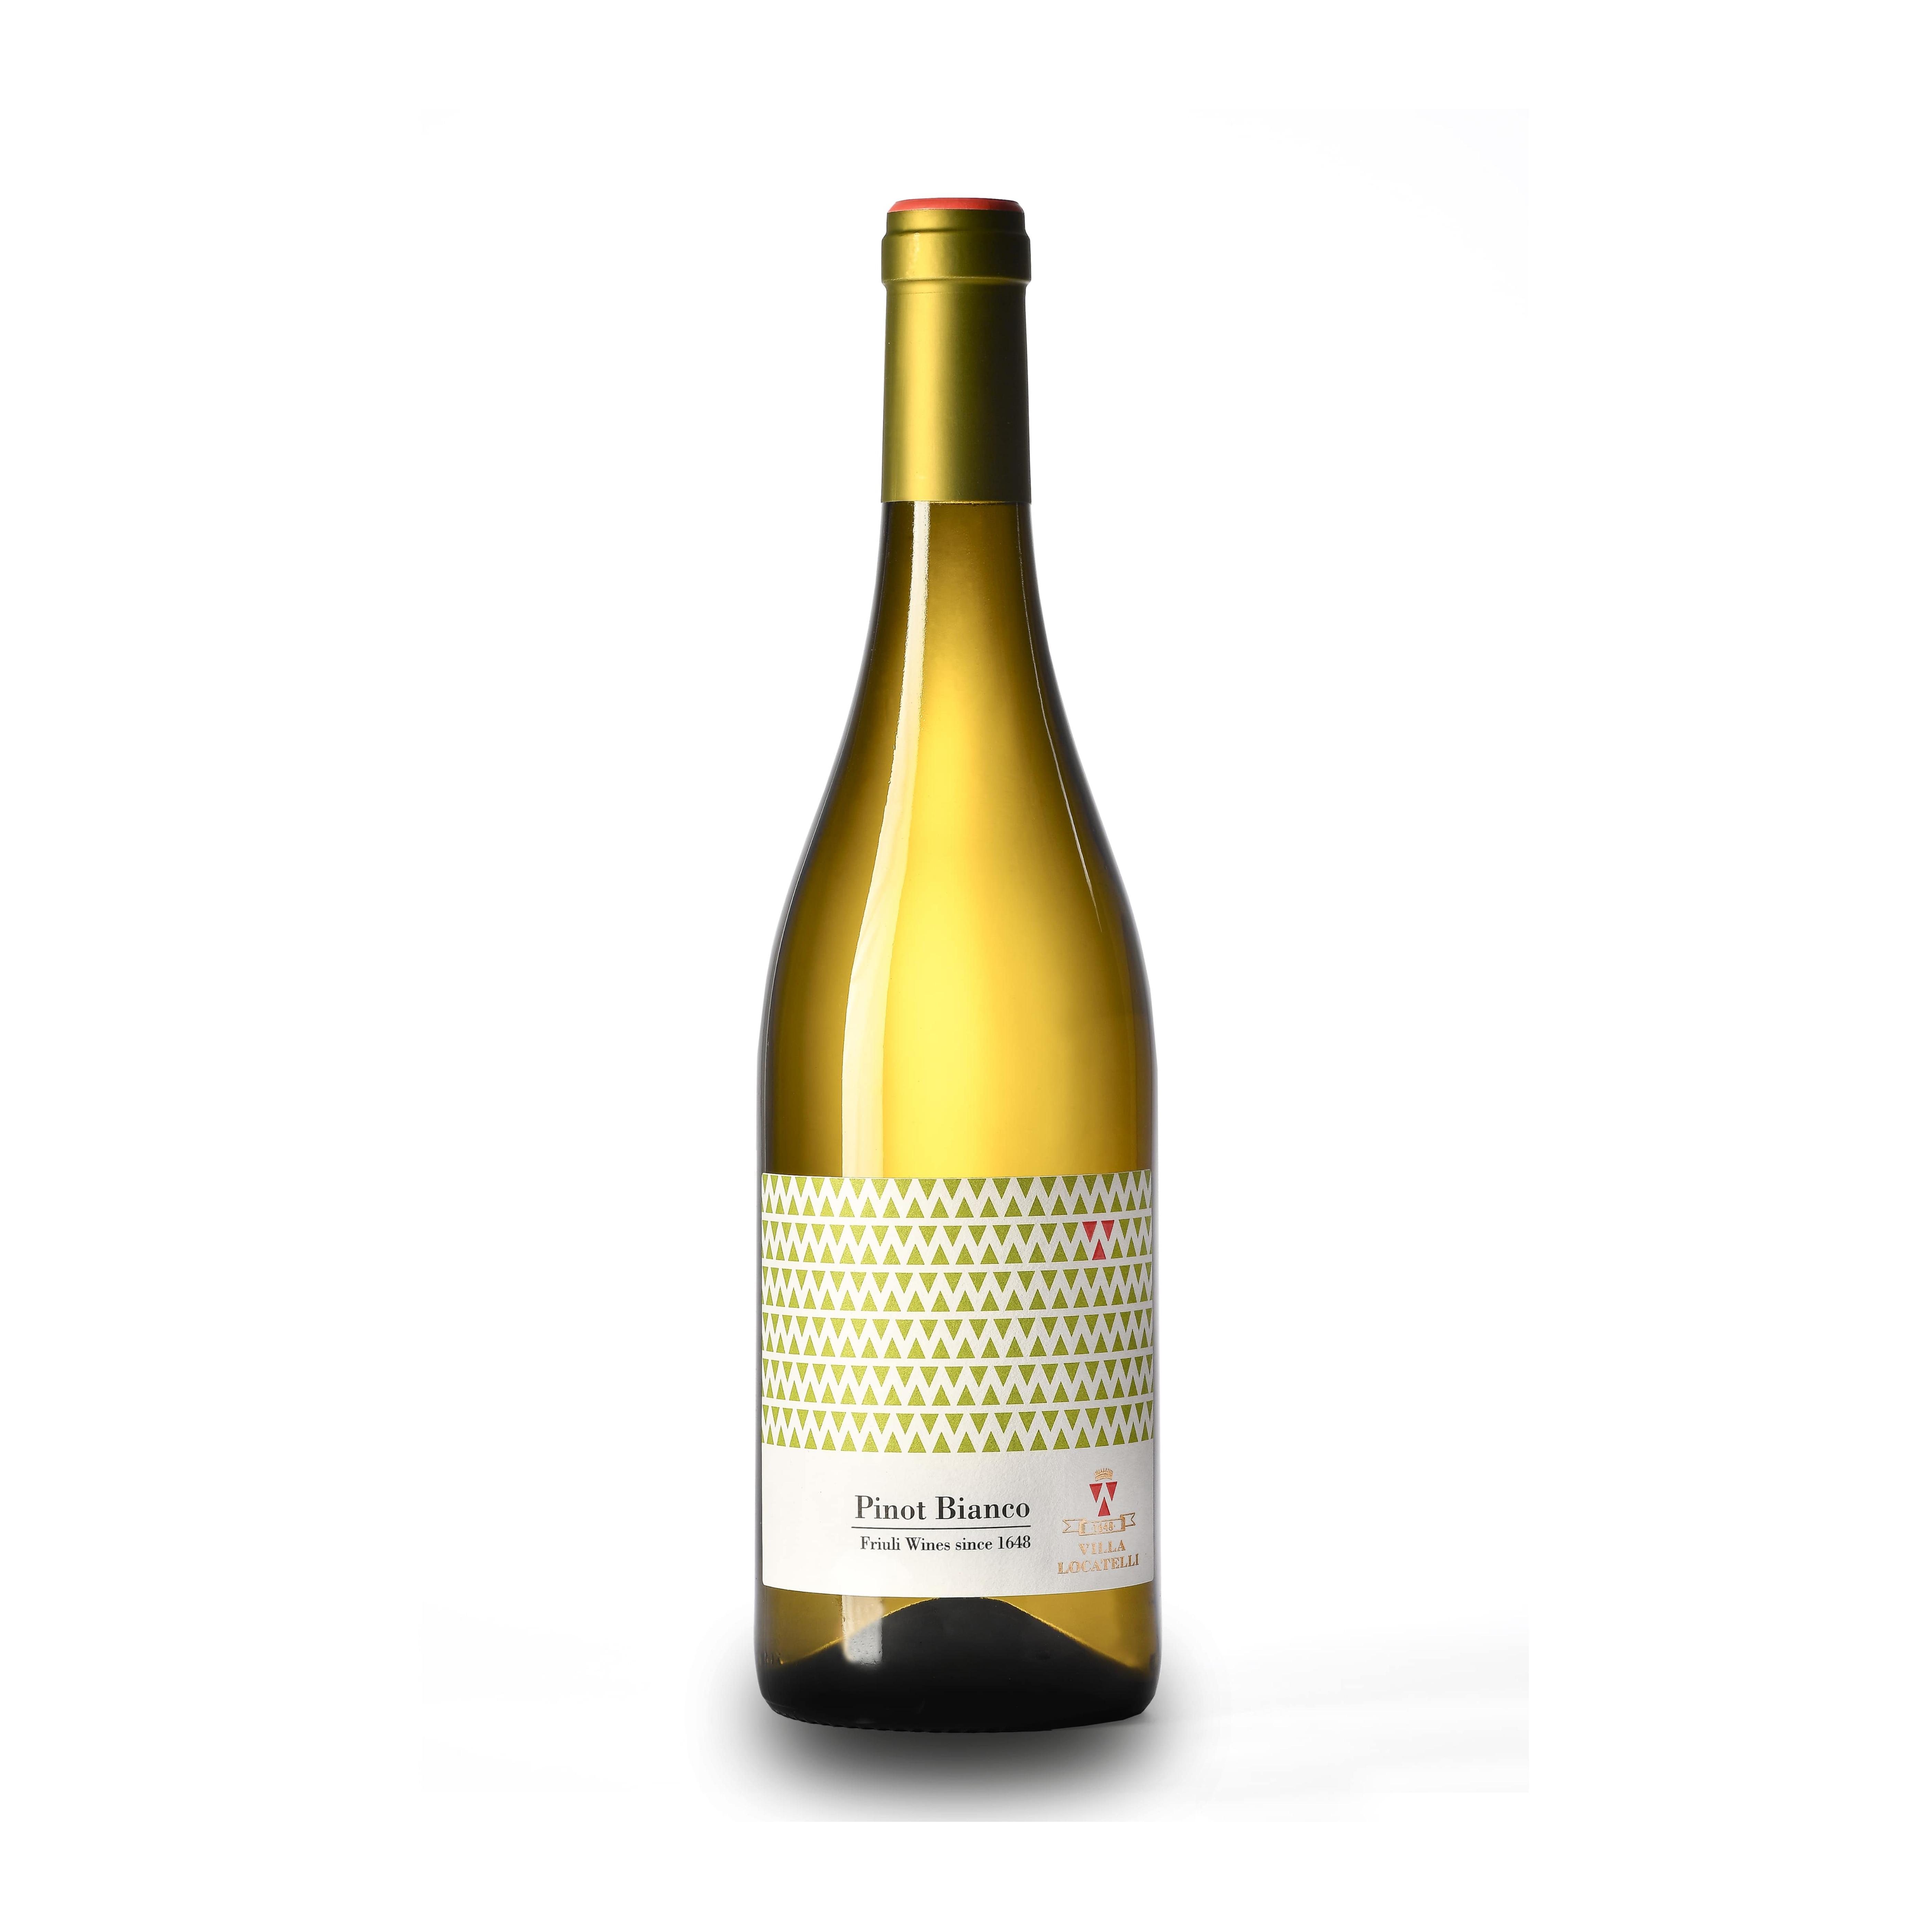 Locatelli-Pinot-Bianco-btl